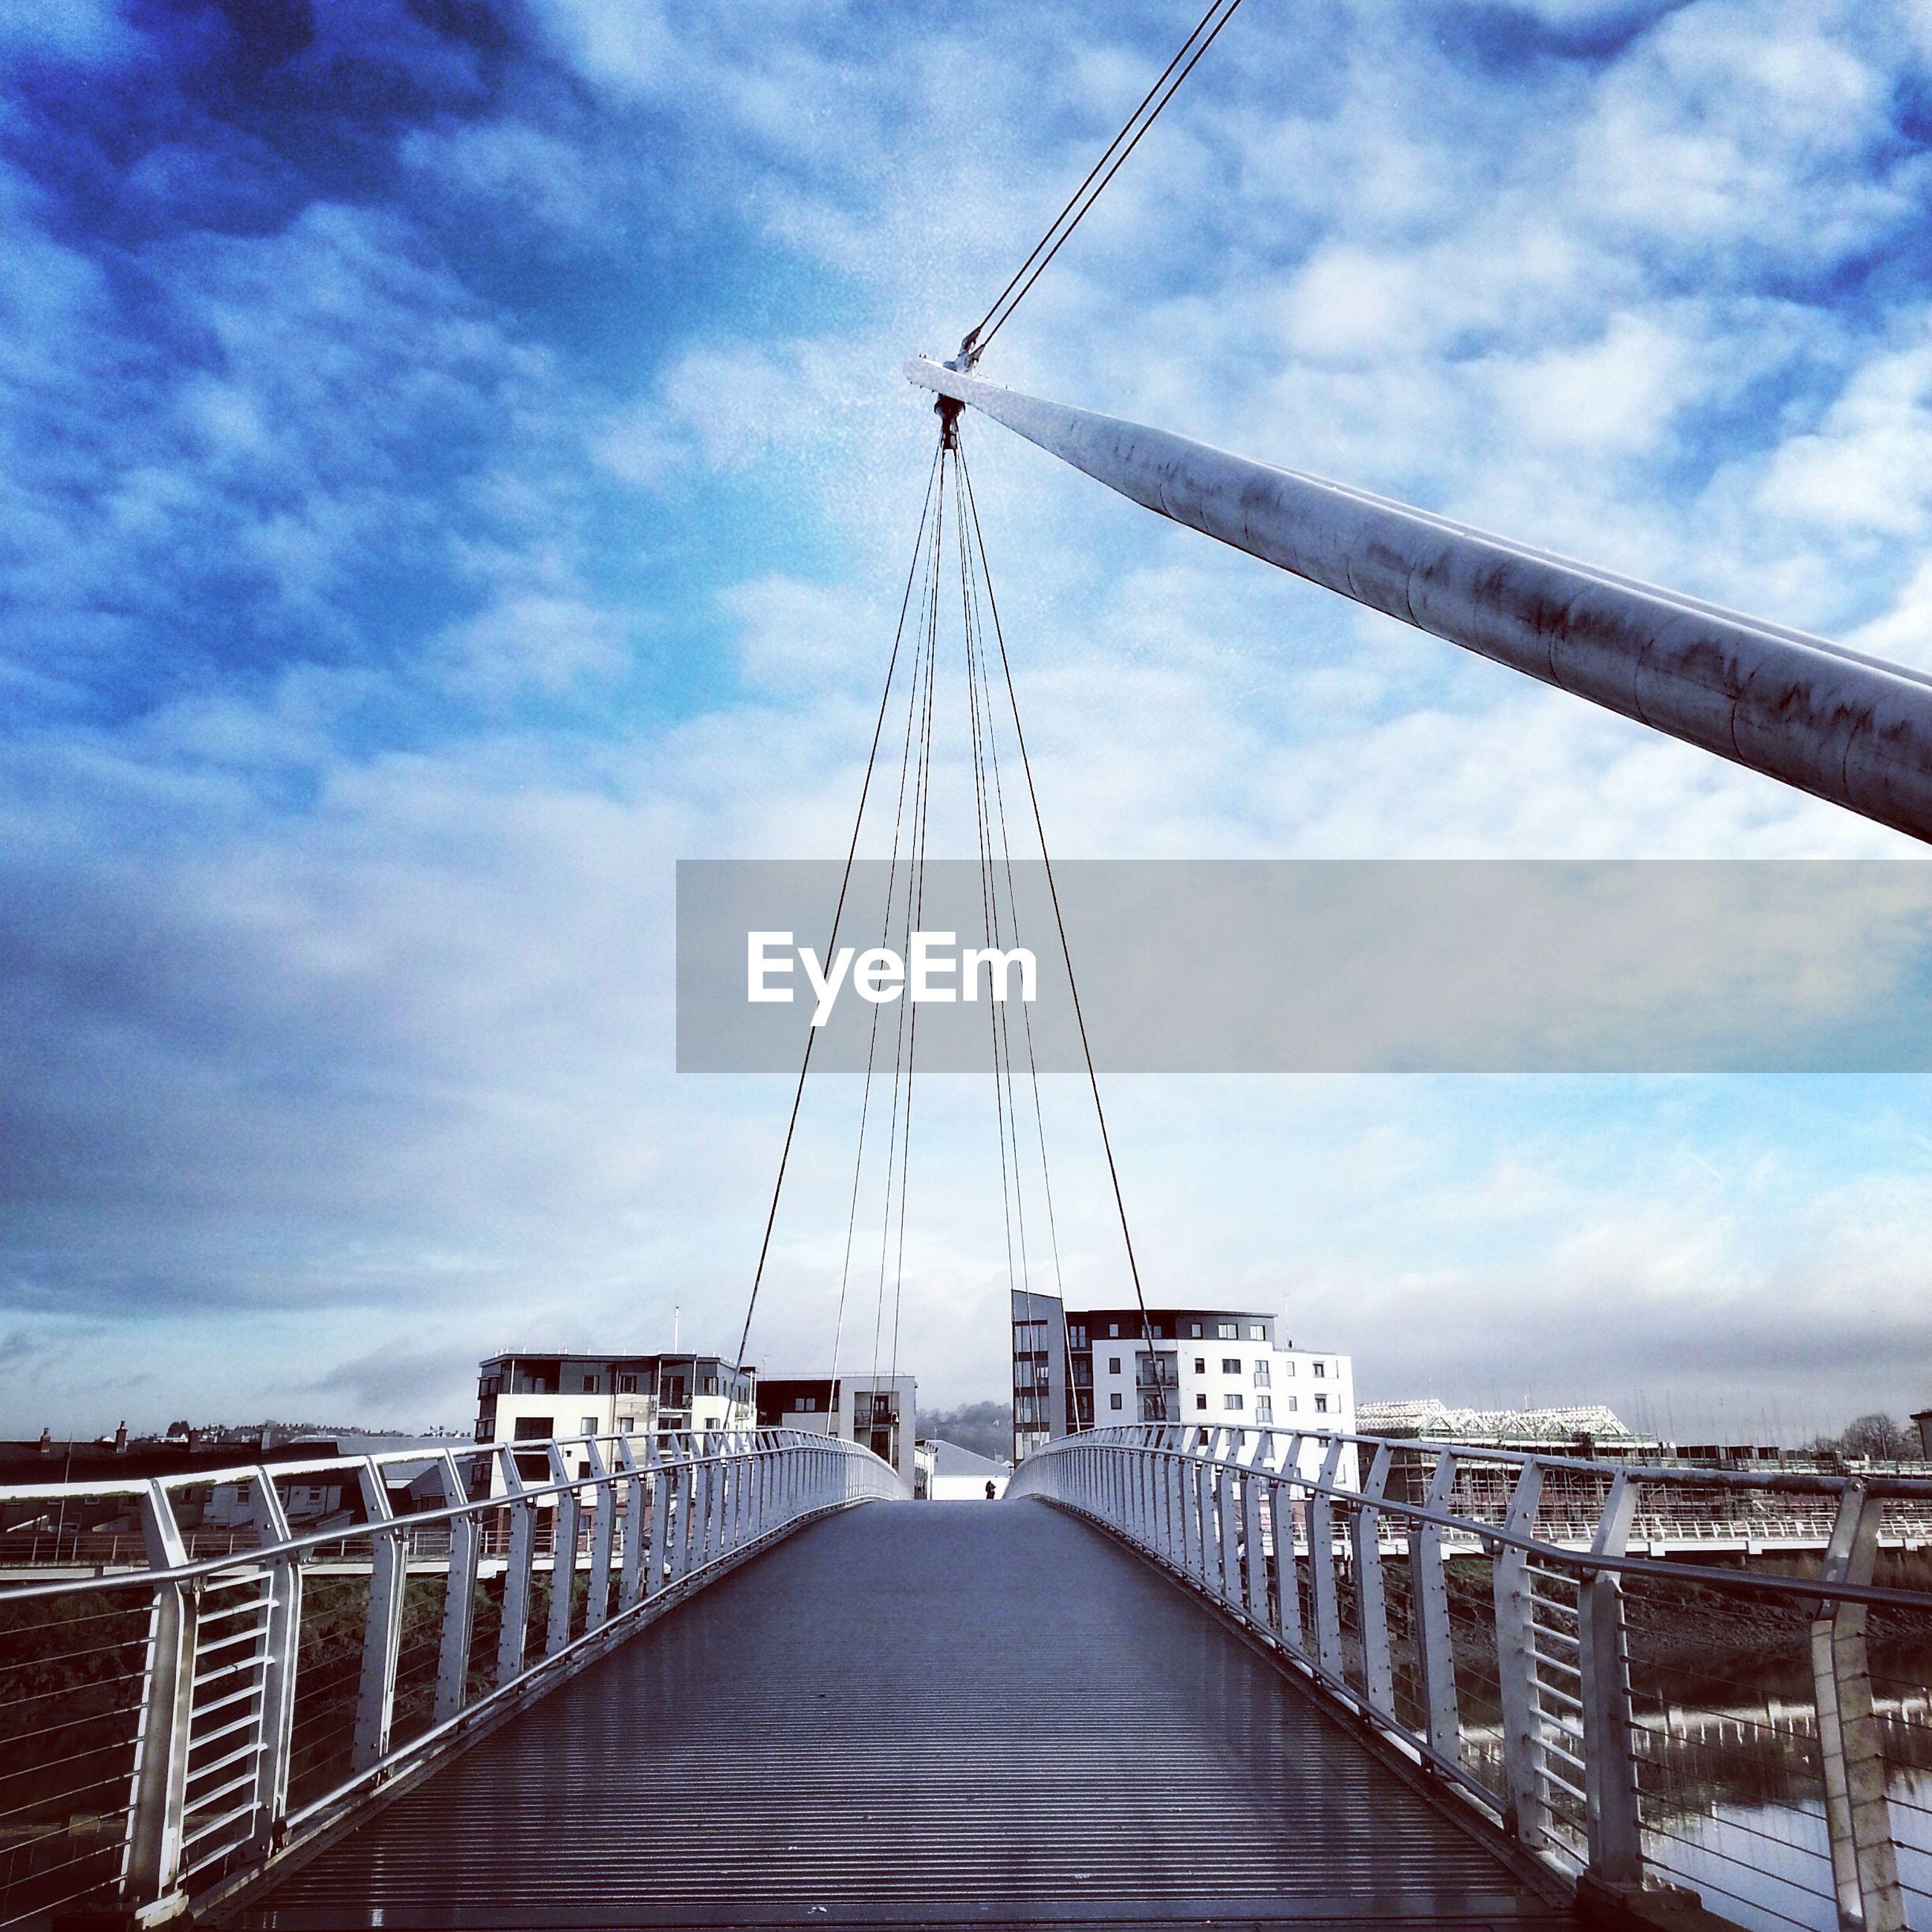 Footbridge over canal against cloudy sky